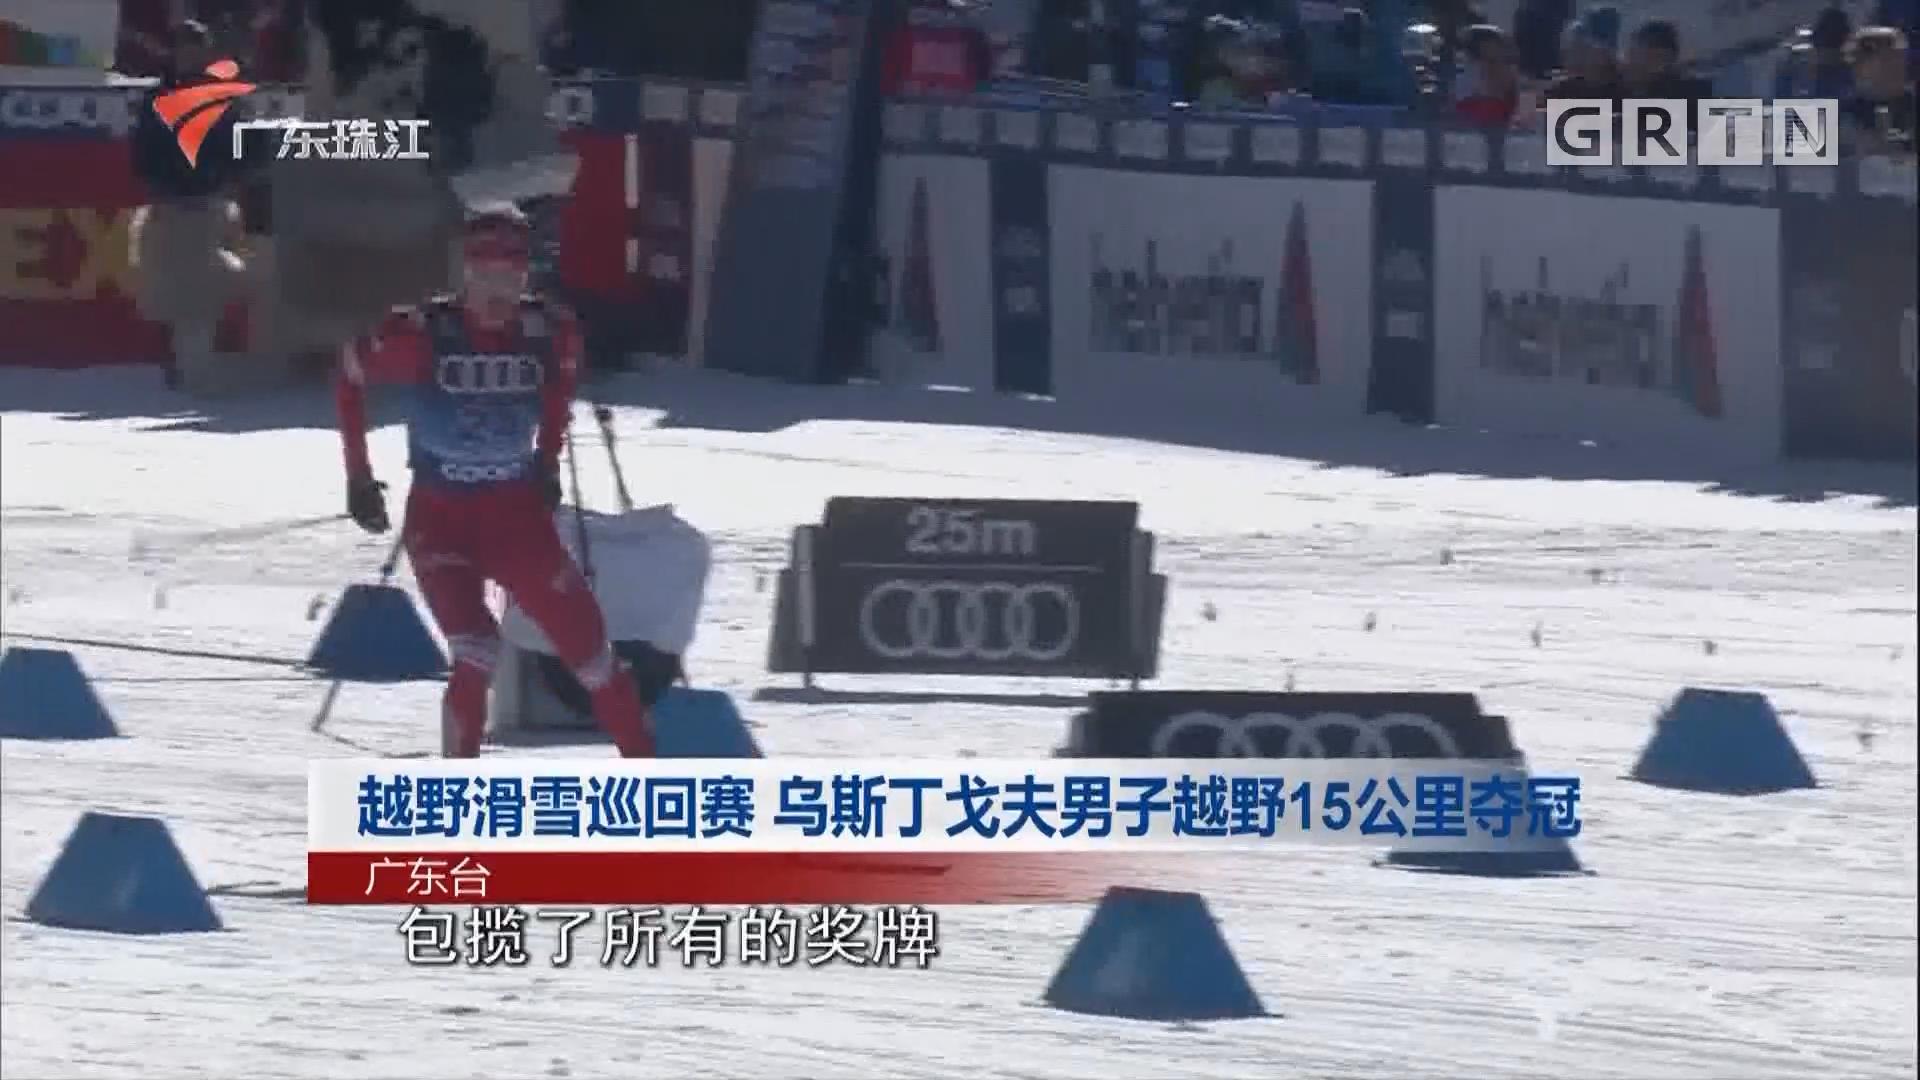 越野滑雪巡回赛 乌斯丁戈夫男子越野15公里夺冠